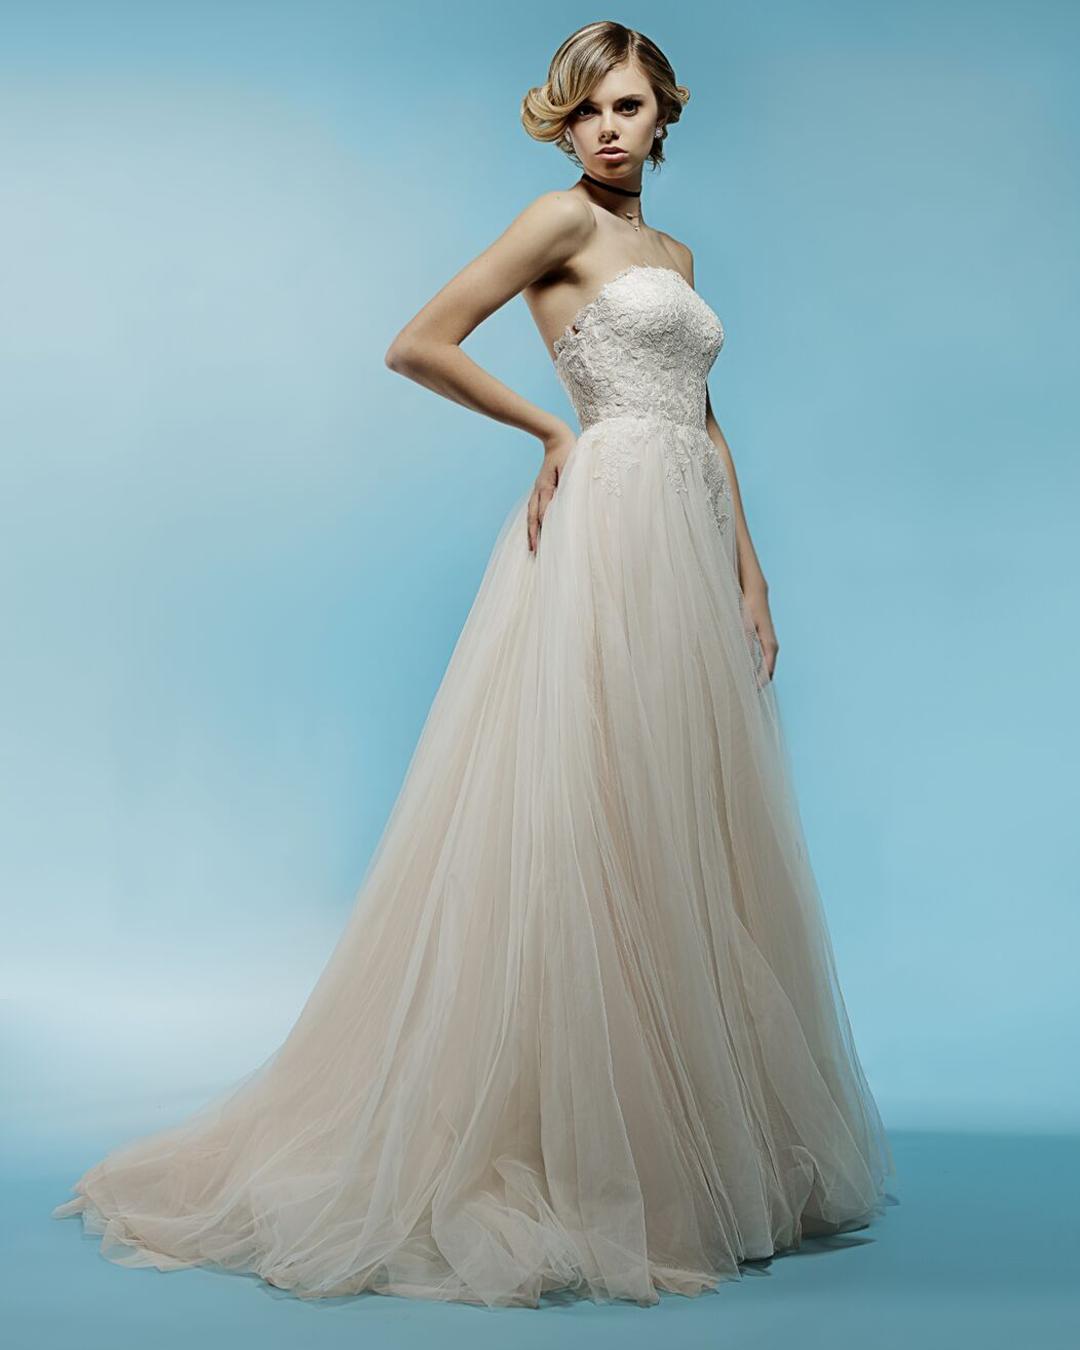 Aurelie   Spring 2018 collection   blush wedding dress   Ivy & Aster ...